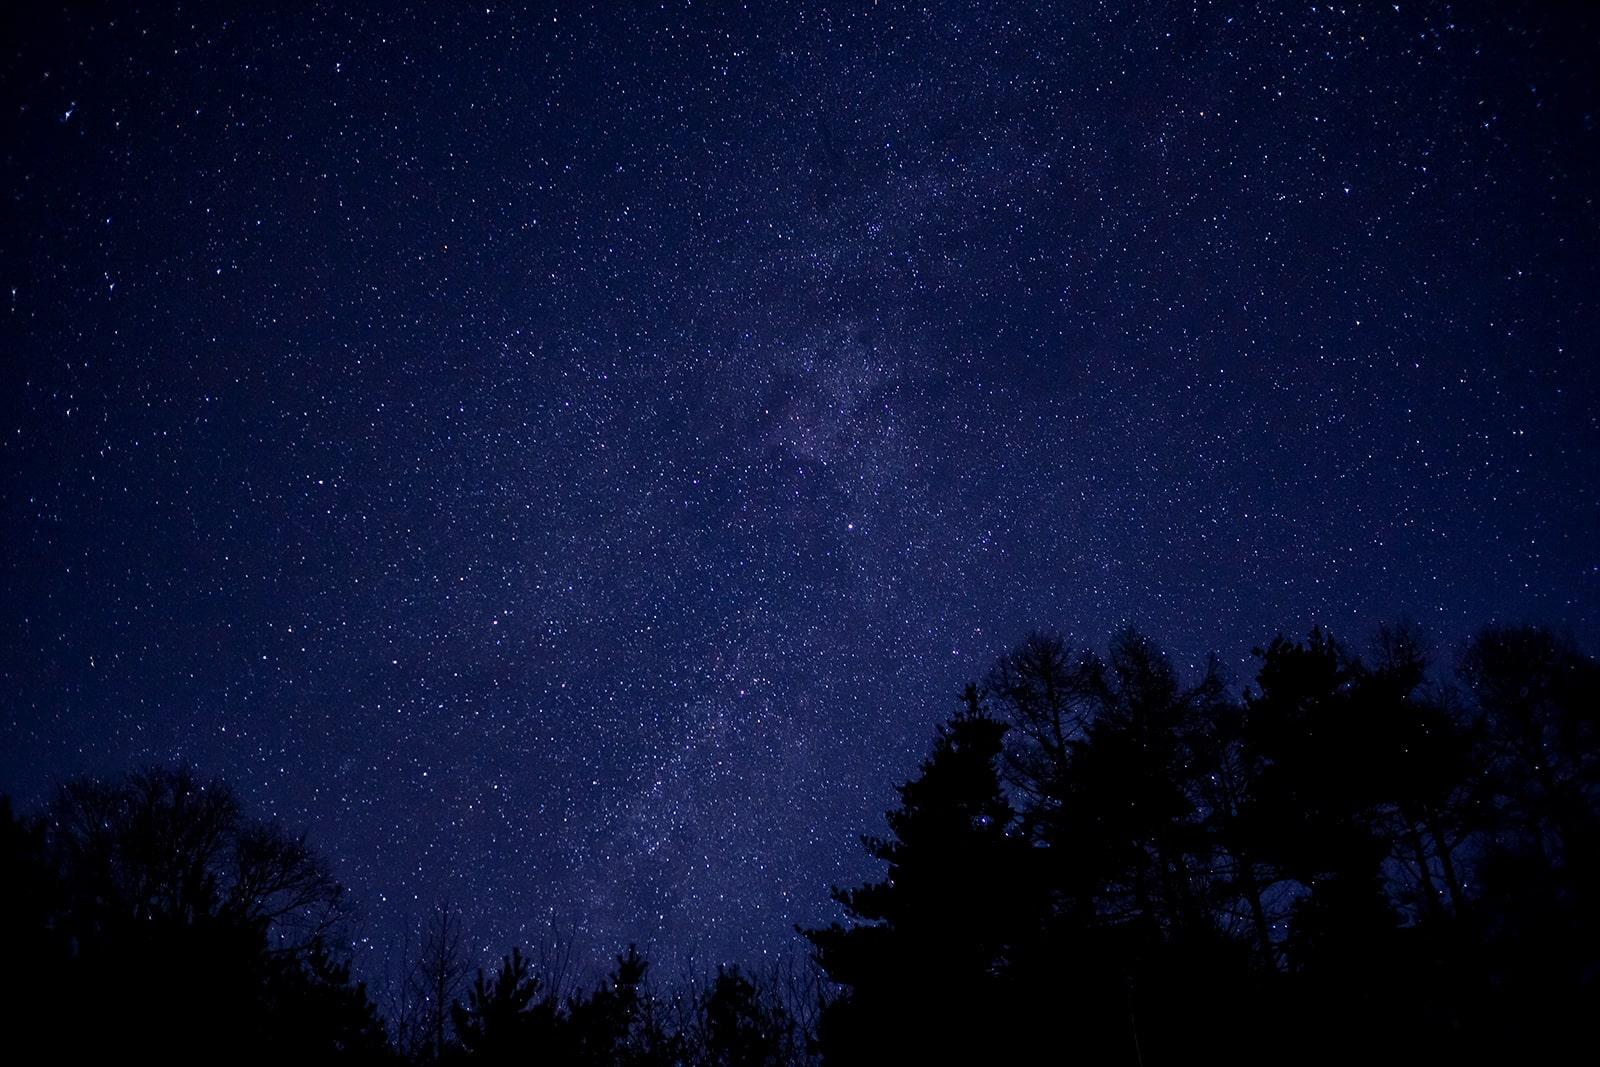 立科町の里エリアに近い三望台からも満天の星空が望める